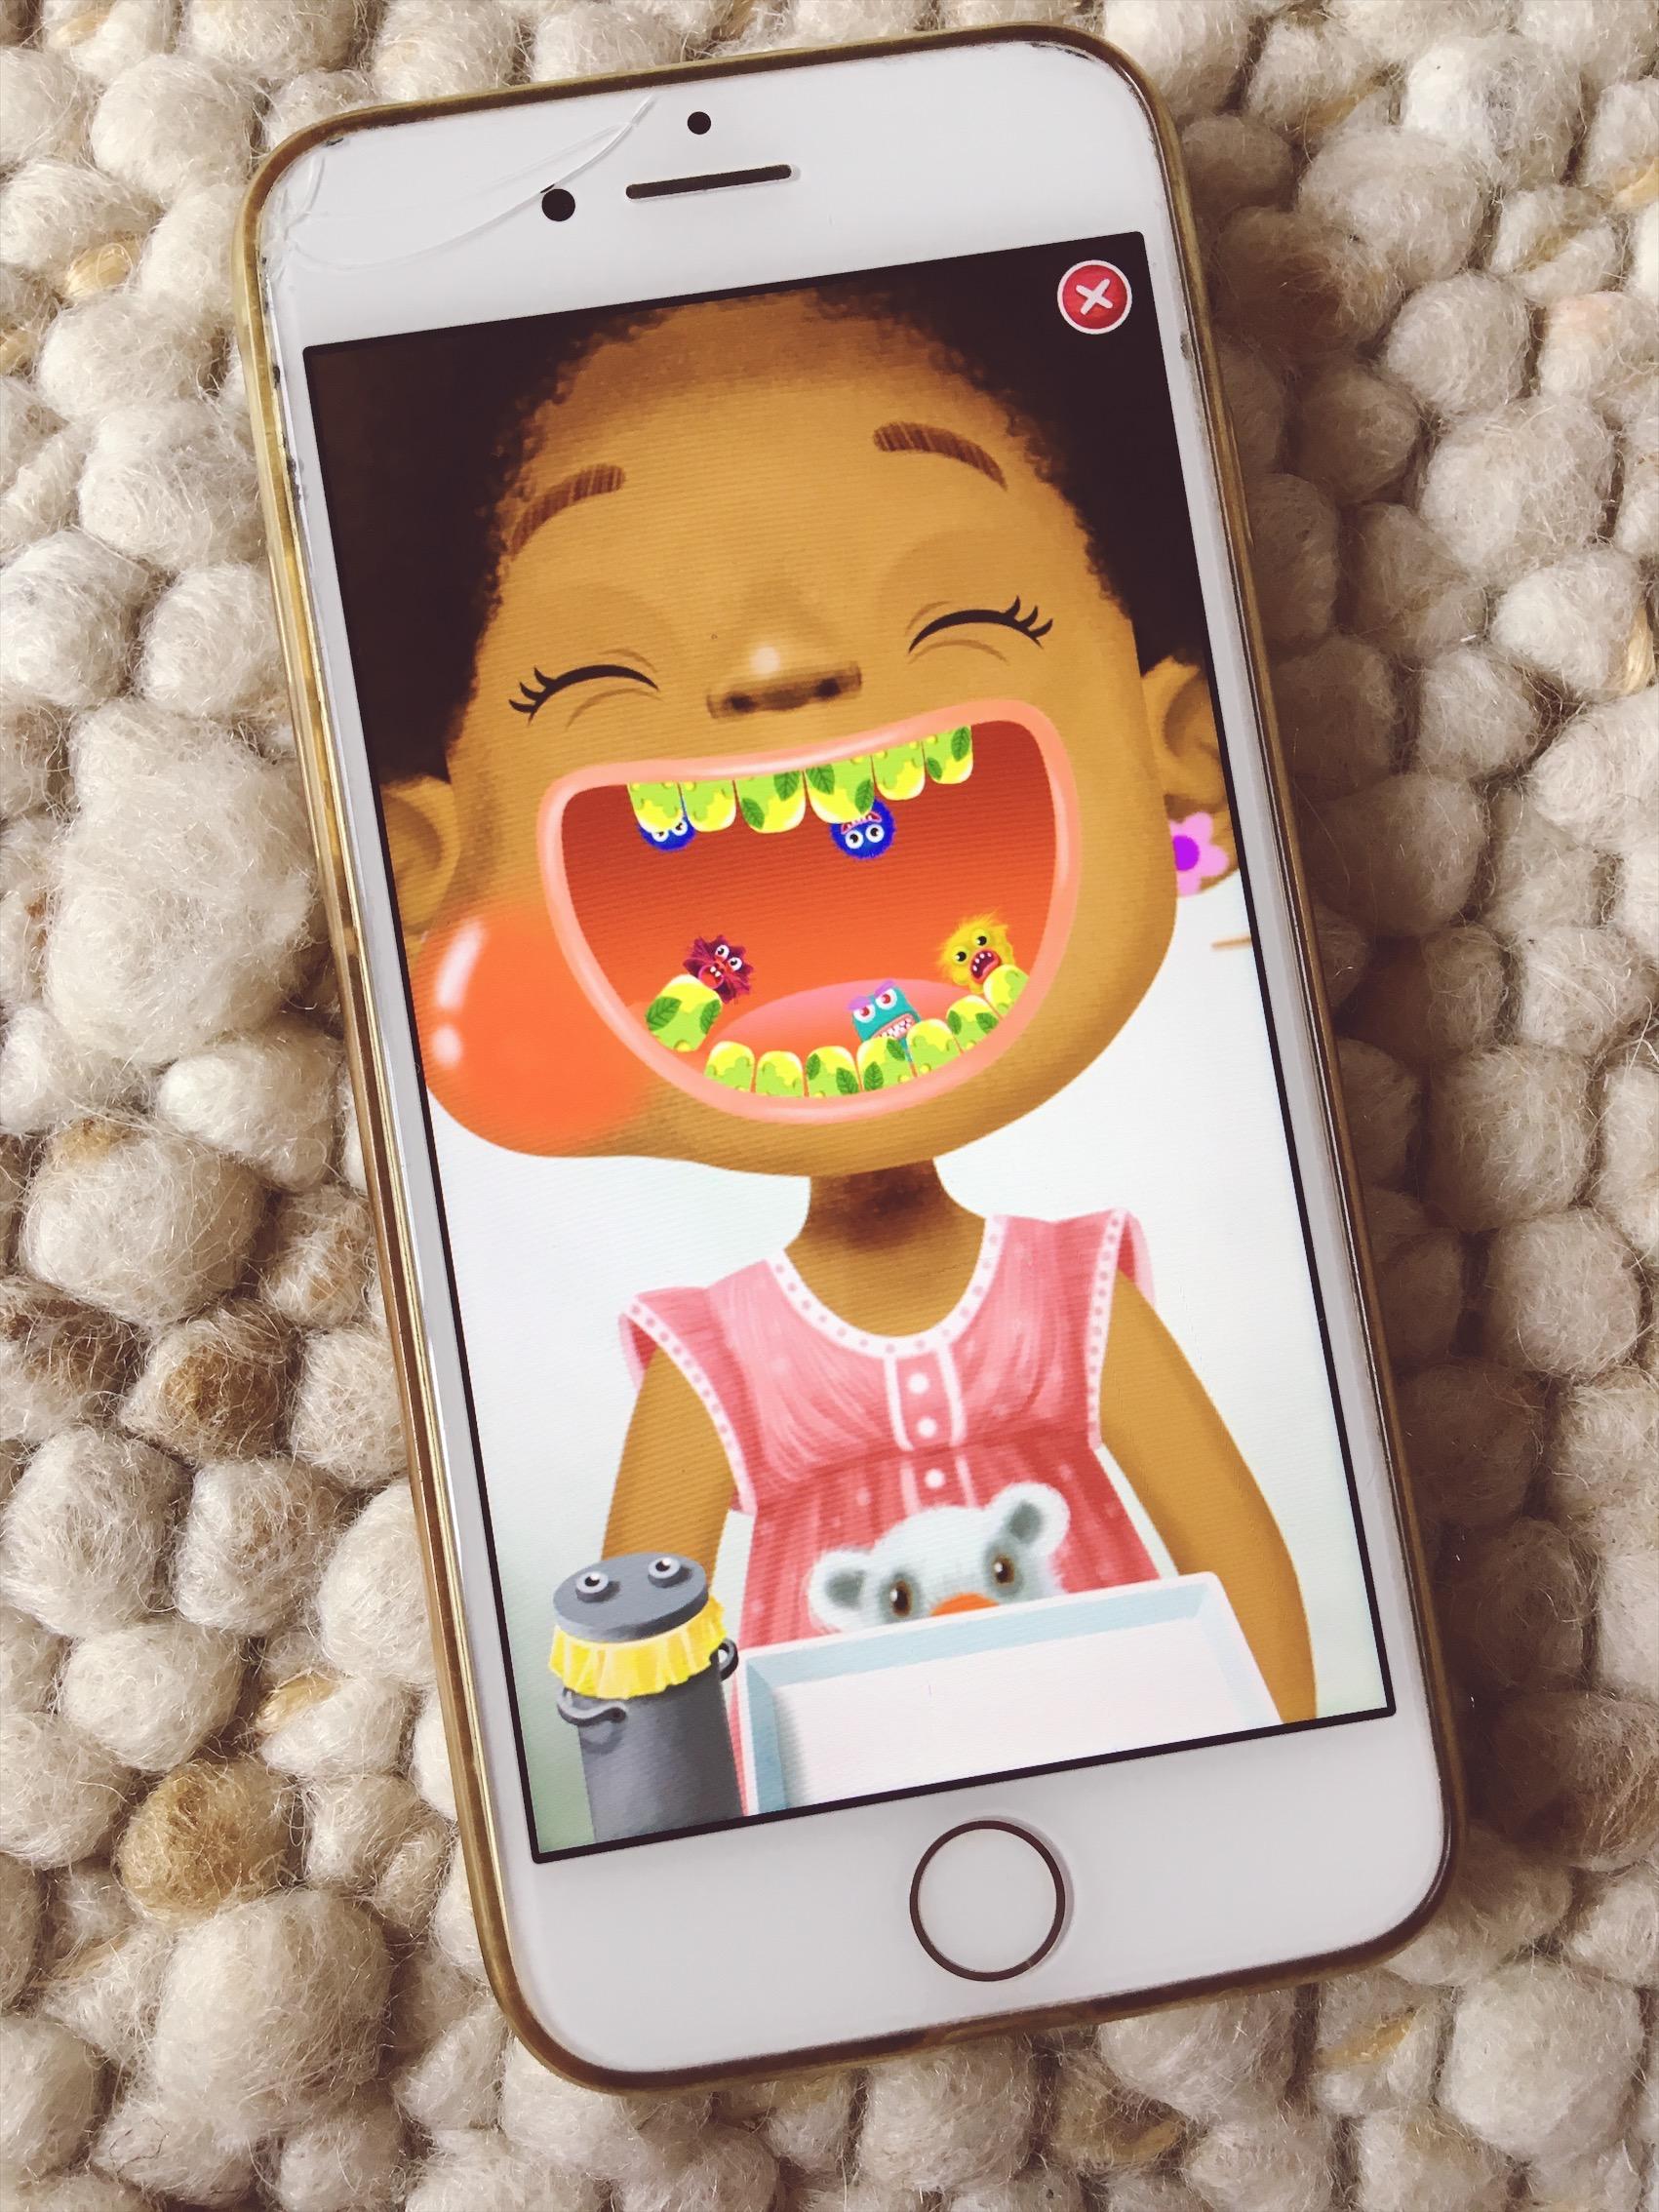 Evas Zähne brauchen Hilfe. Kariesteufelchen haben es sich gemütlich gemacht und das ein oder andere Loch gegraben.